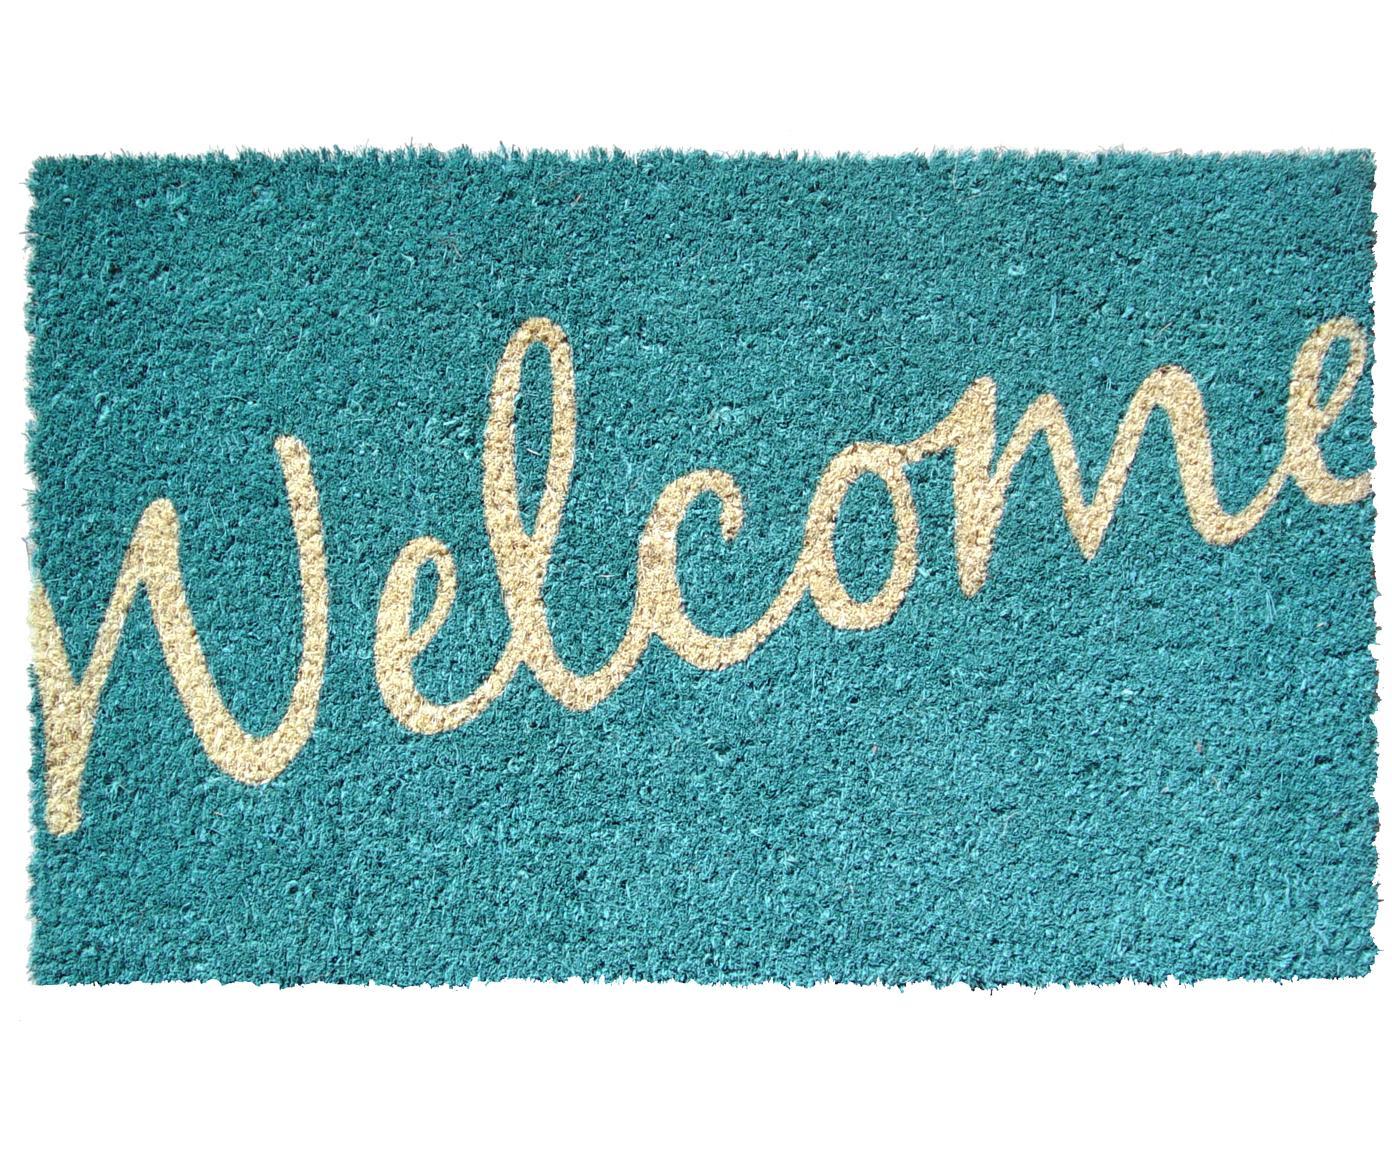 Fußmatte Welcome, Oberseite: Kokosfaser, Unterseite: Kunststoff (PVC), Kräftiges Türkis, Beige, 40 x 60 cm